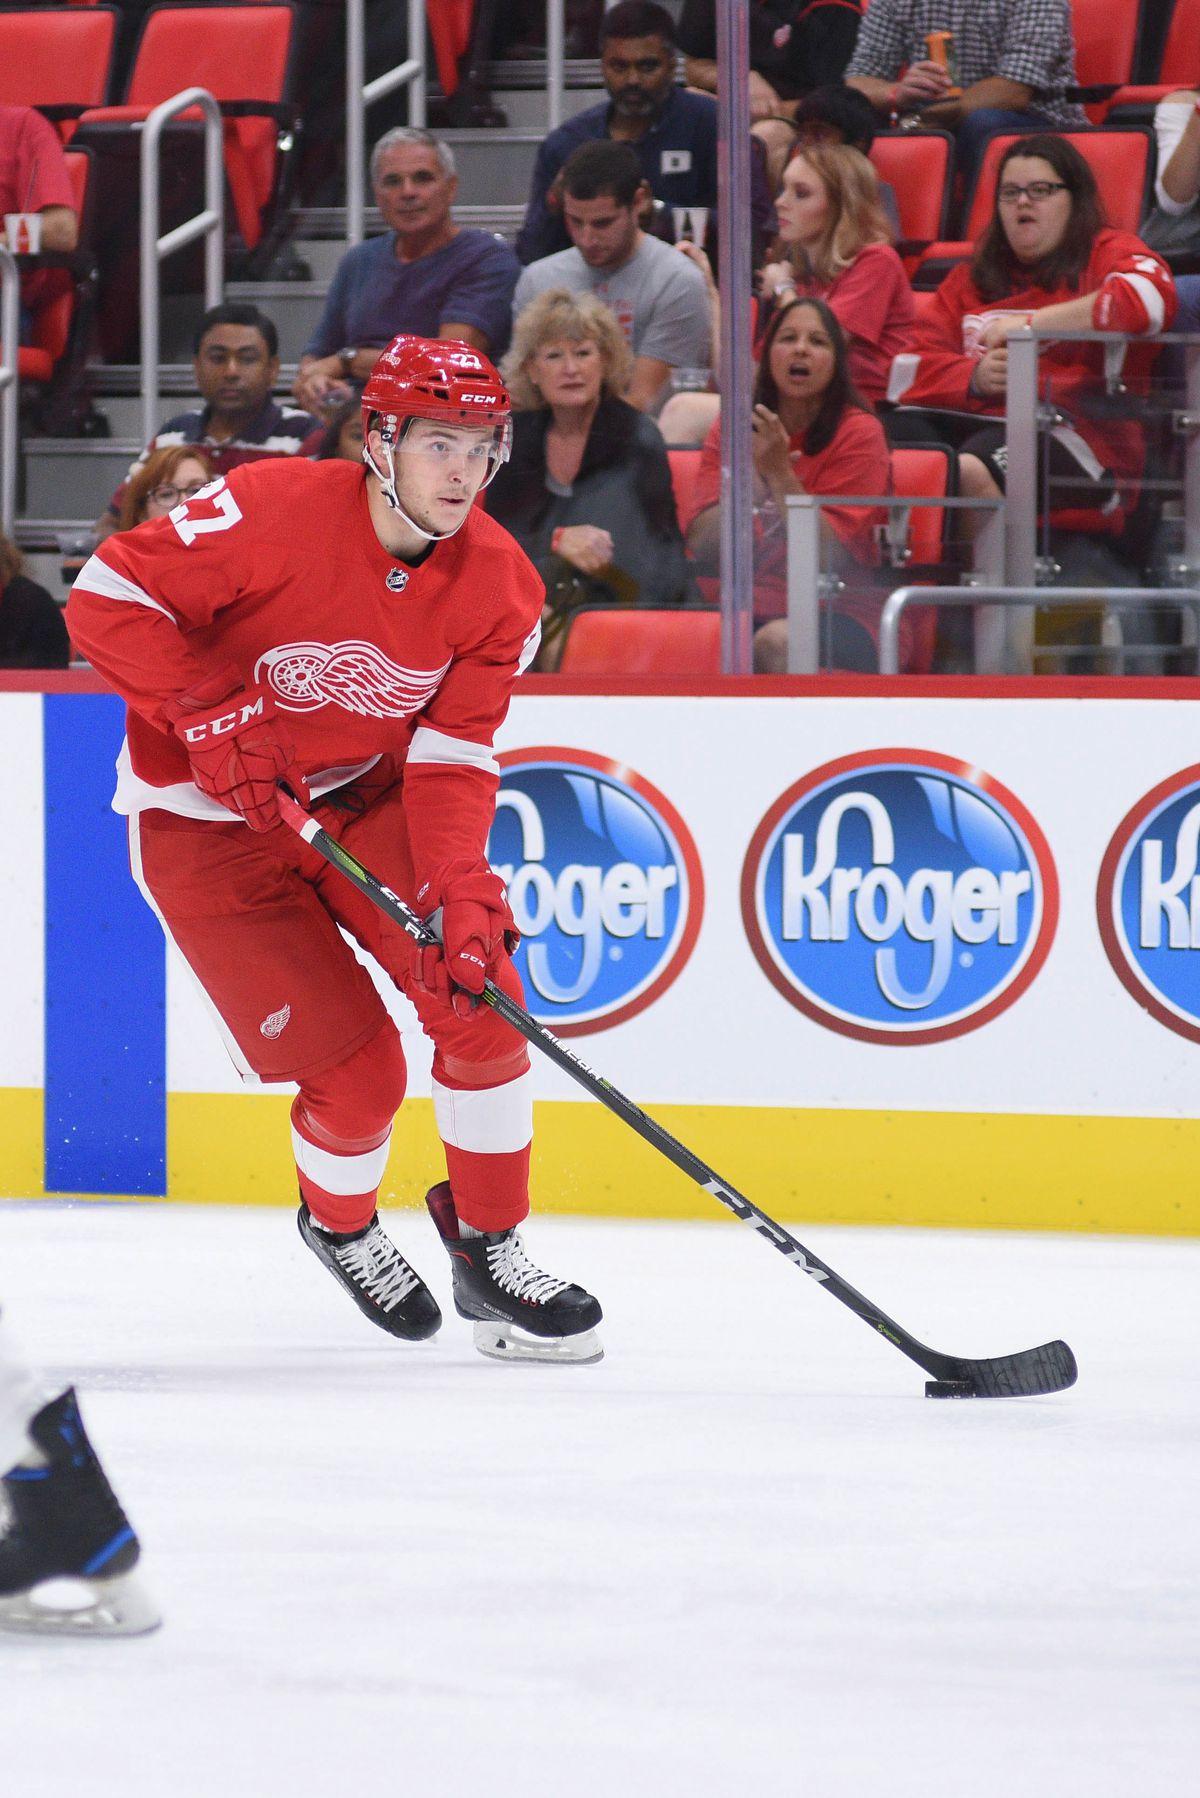 NHL: Preseason-Pittsburgh Penguins at Detroit Red Wings